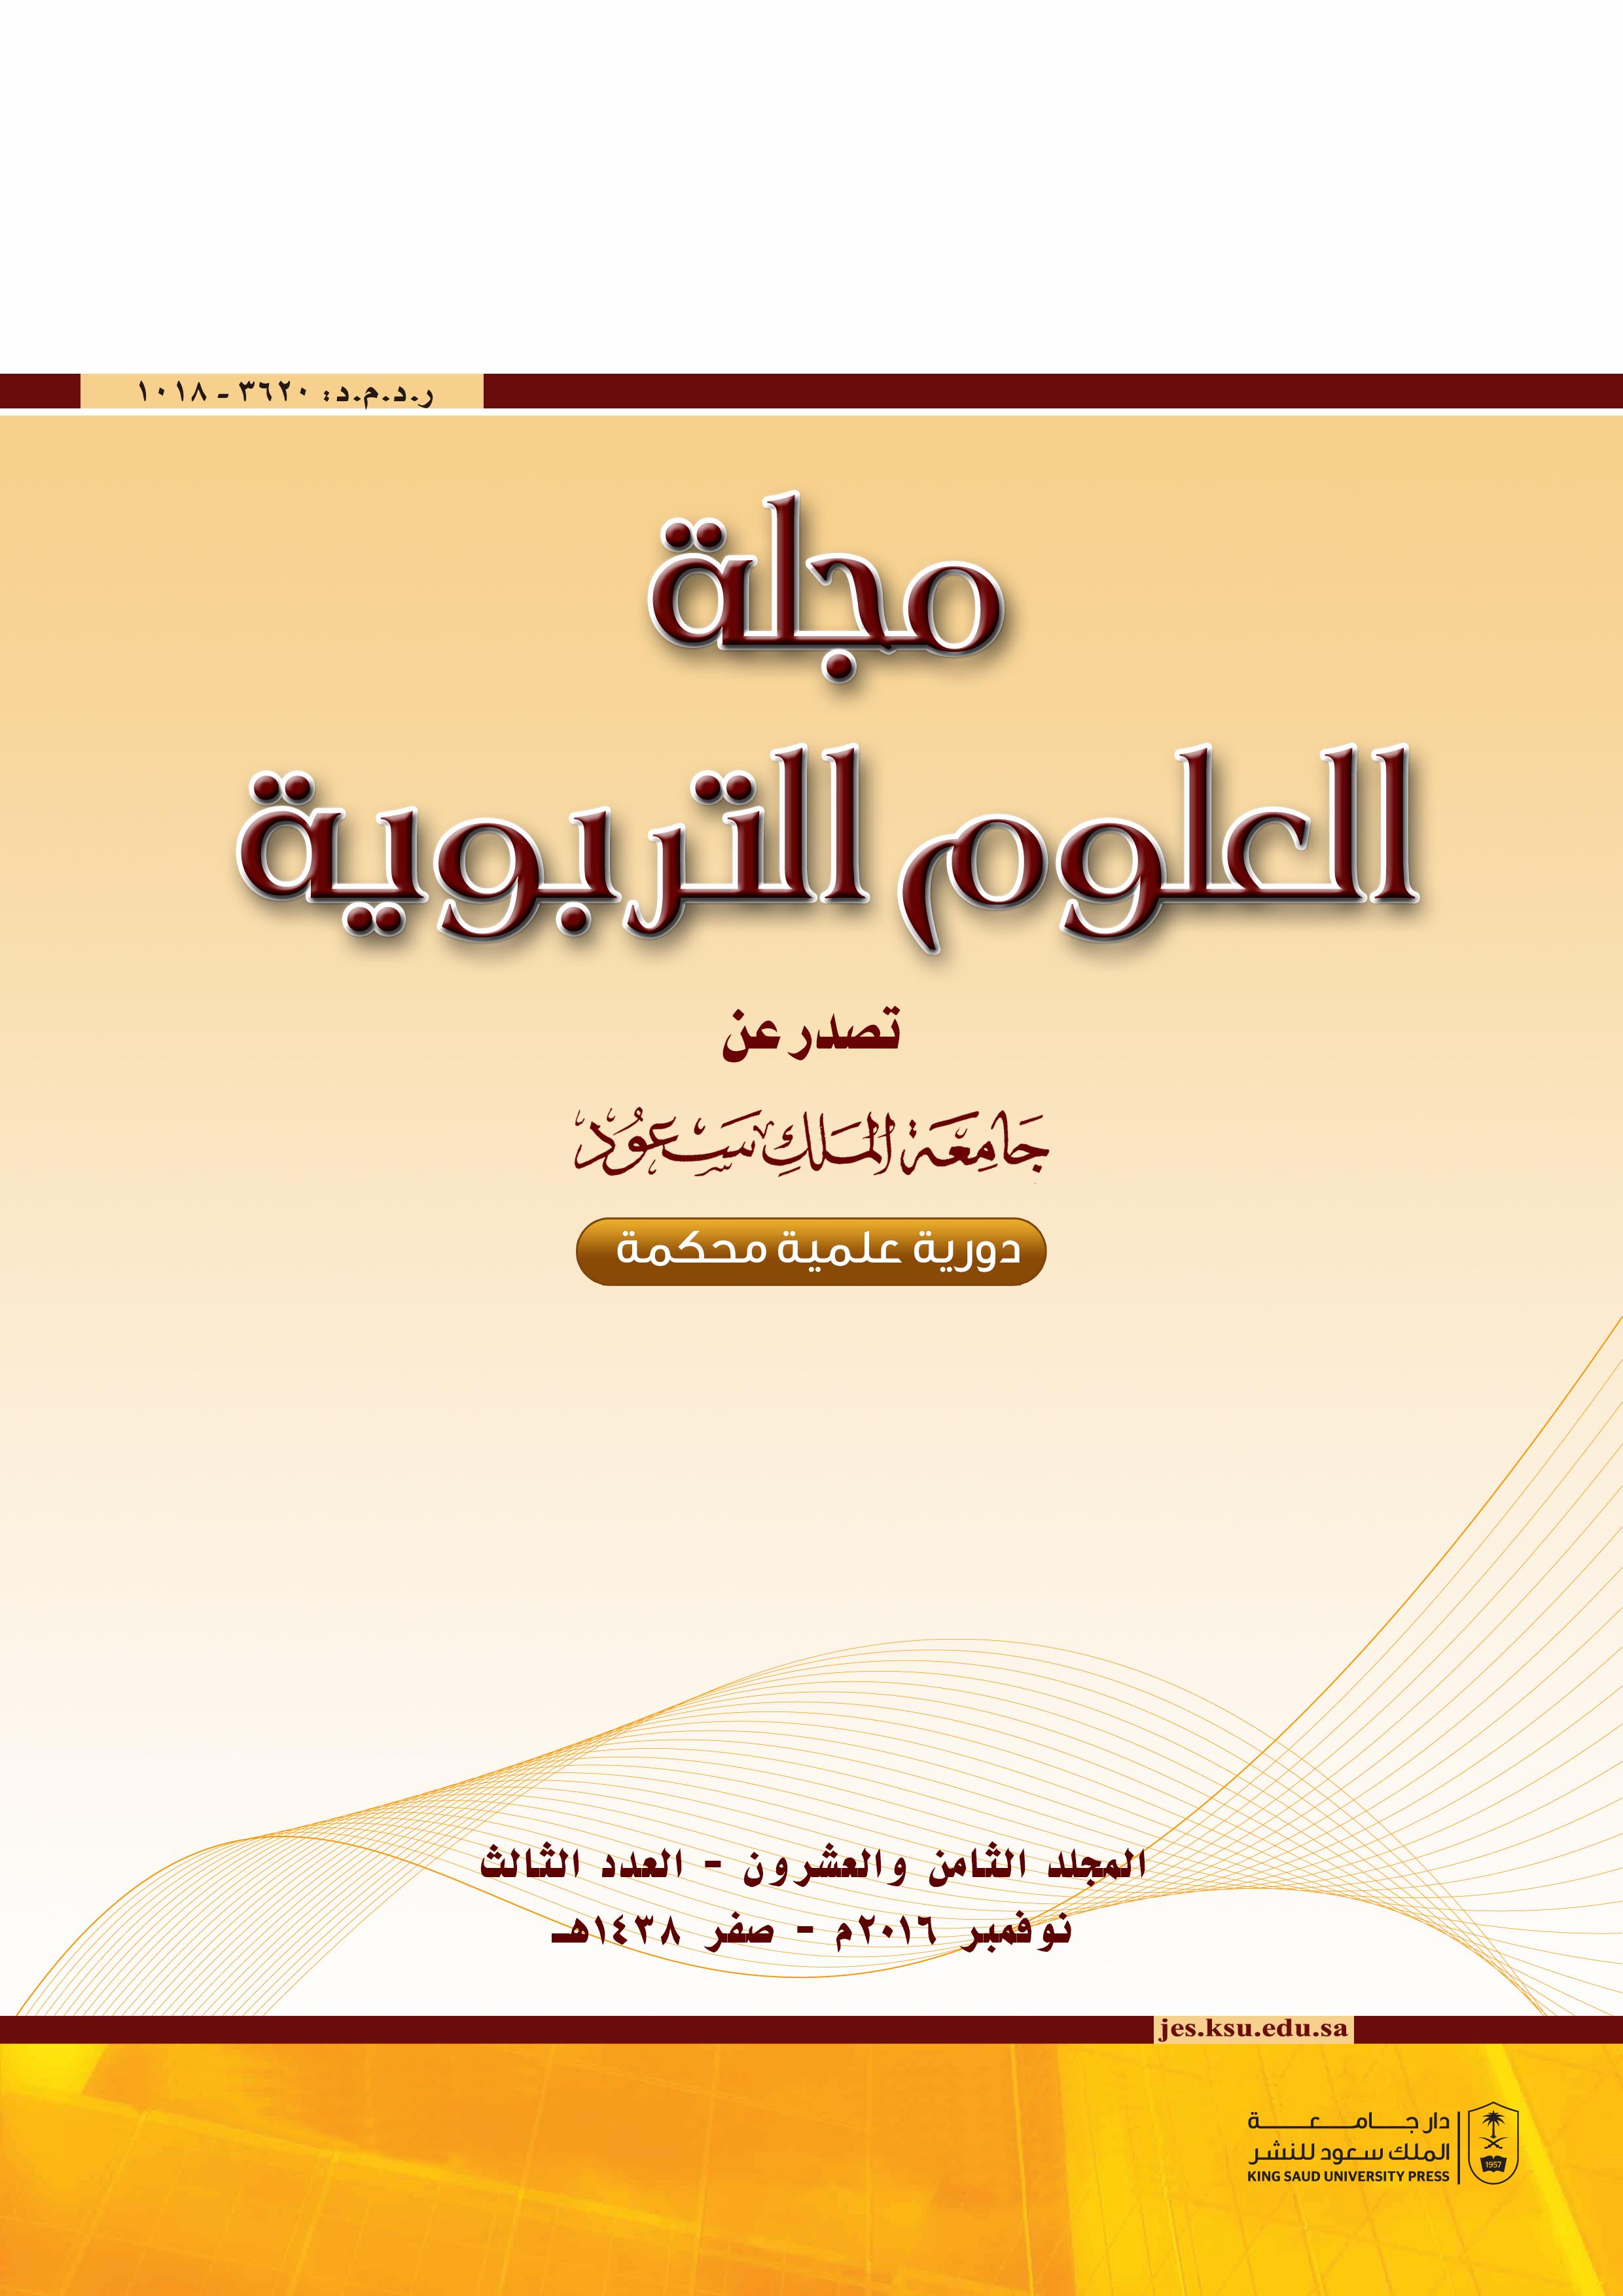 صدور العدد الثالث من المجلد الثامن والعشرين من مجلة العلوم التربوية.